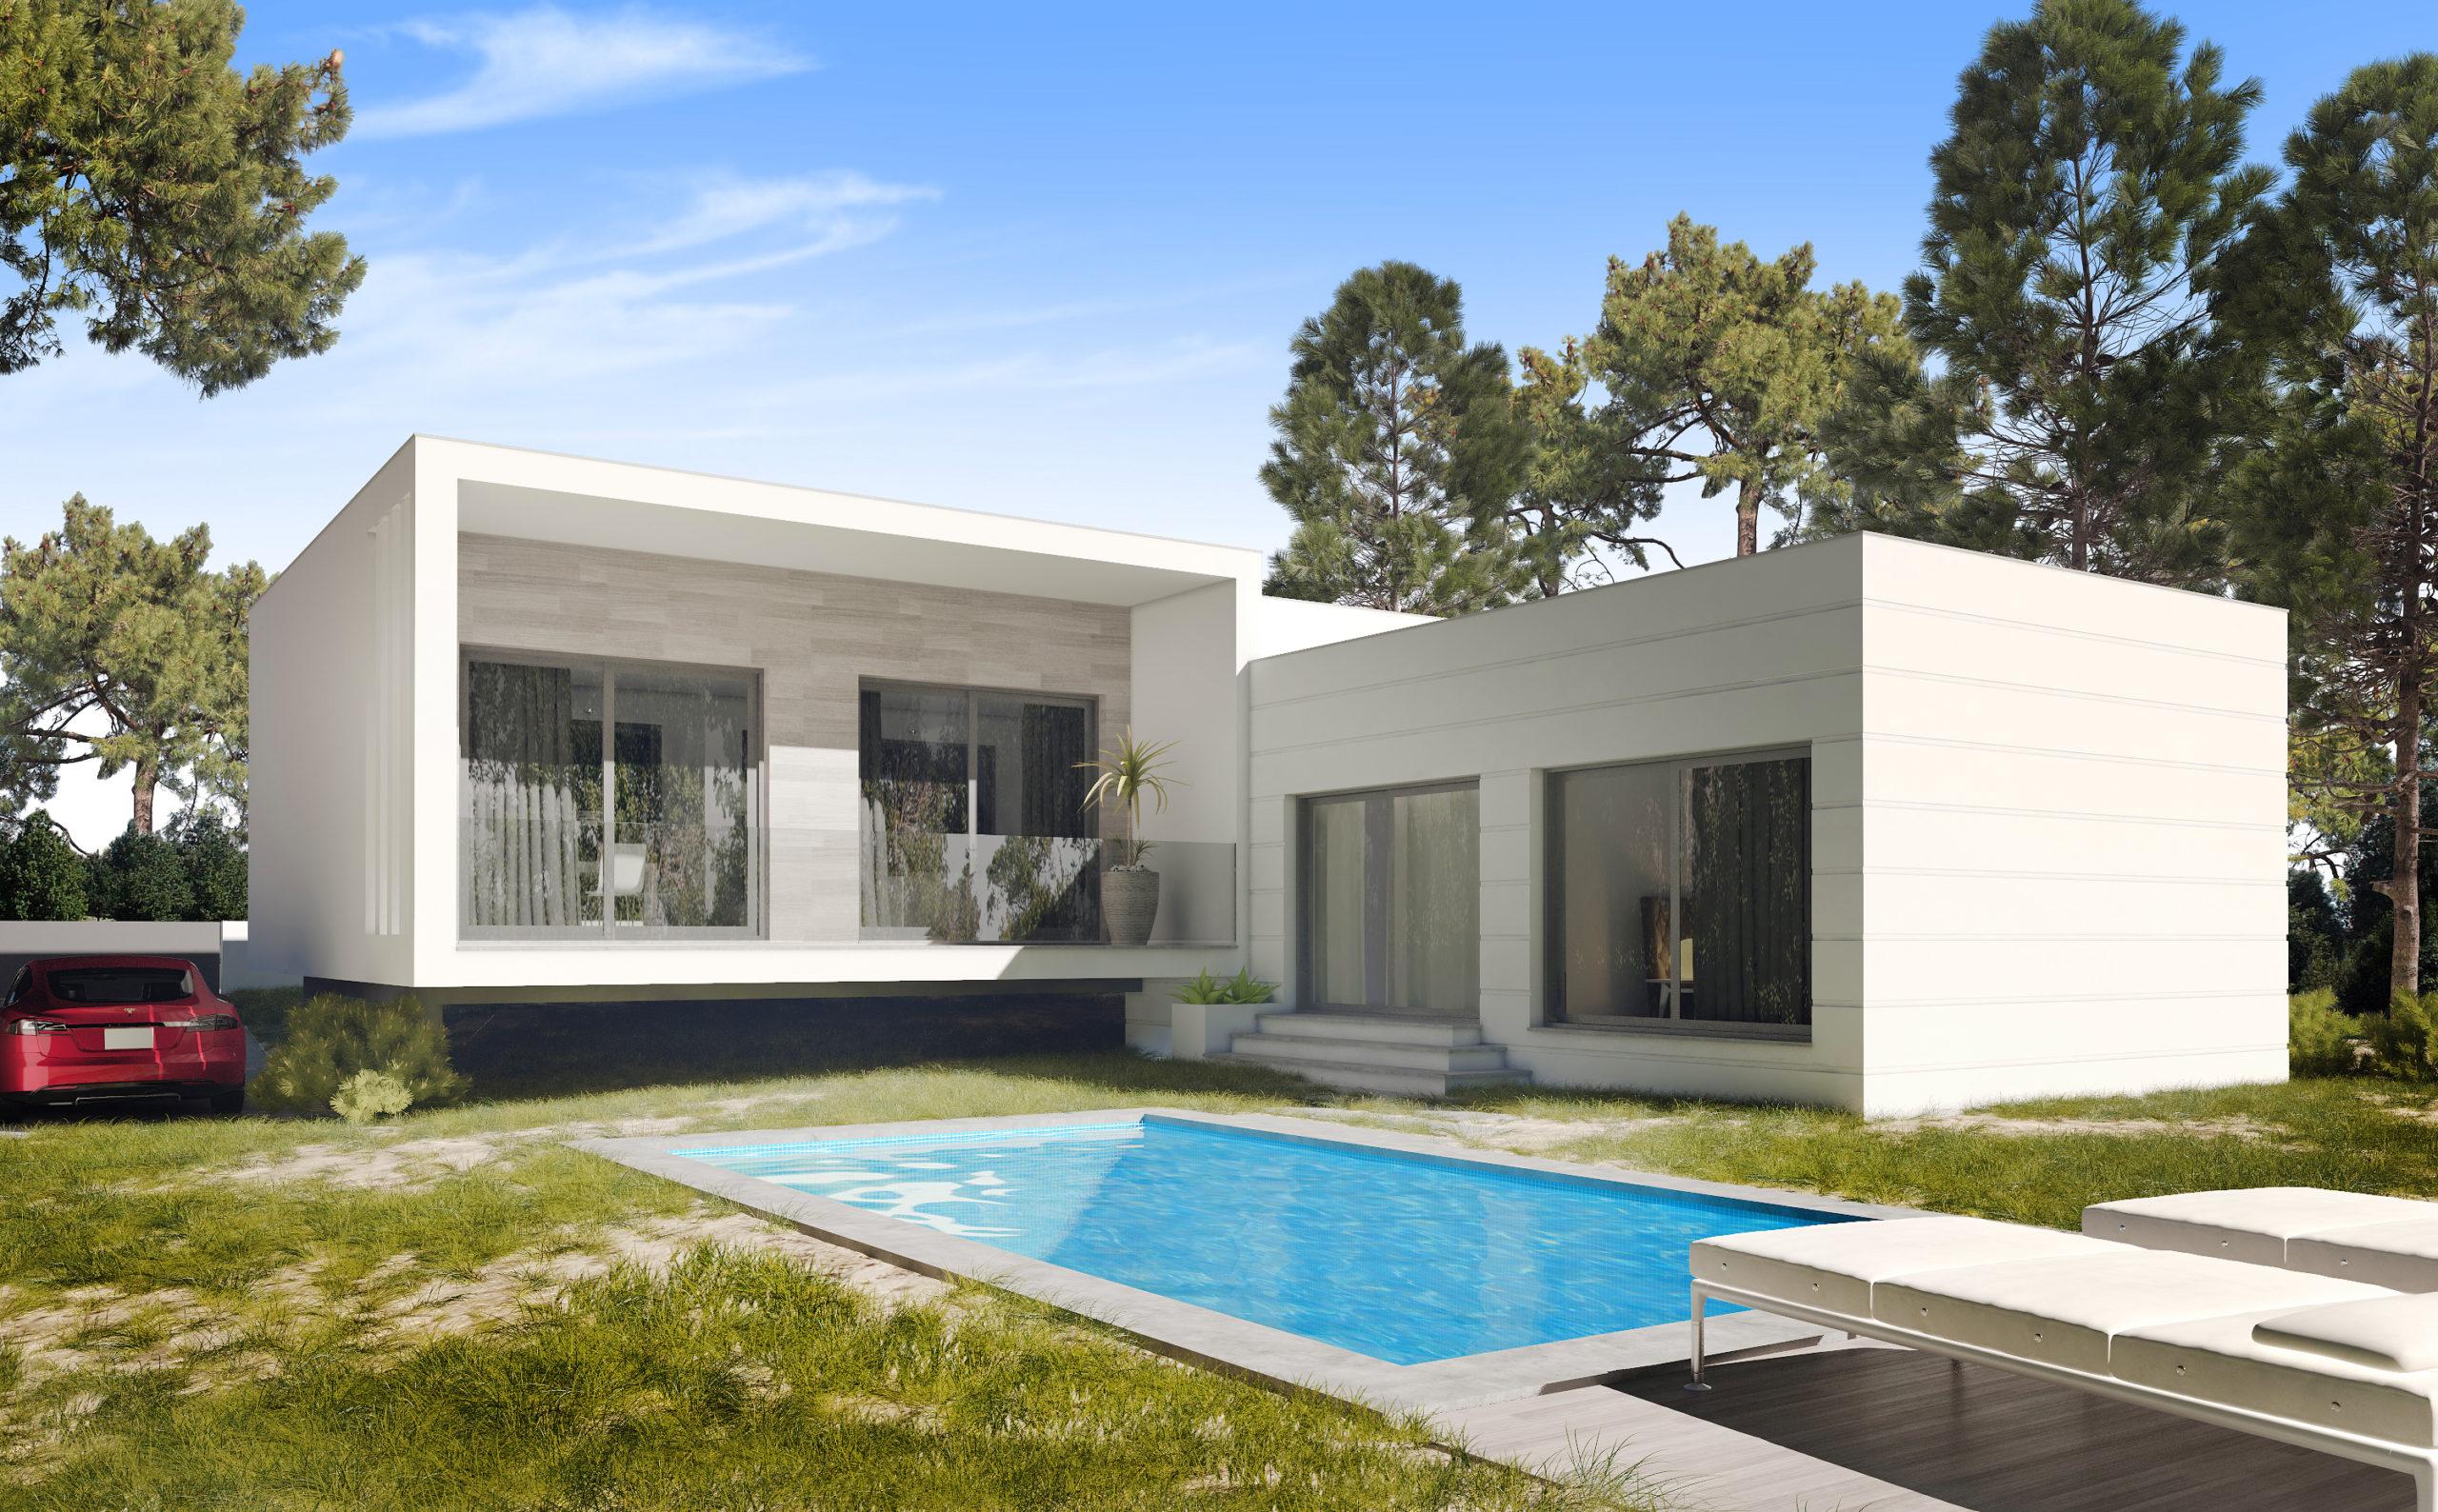 Maison à vendre au Portugal, près de la plage | Costa da Prata Portugal